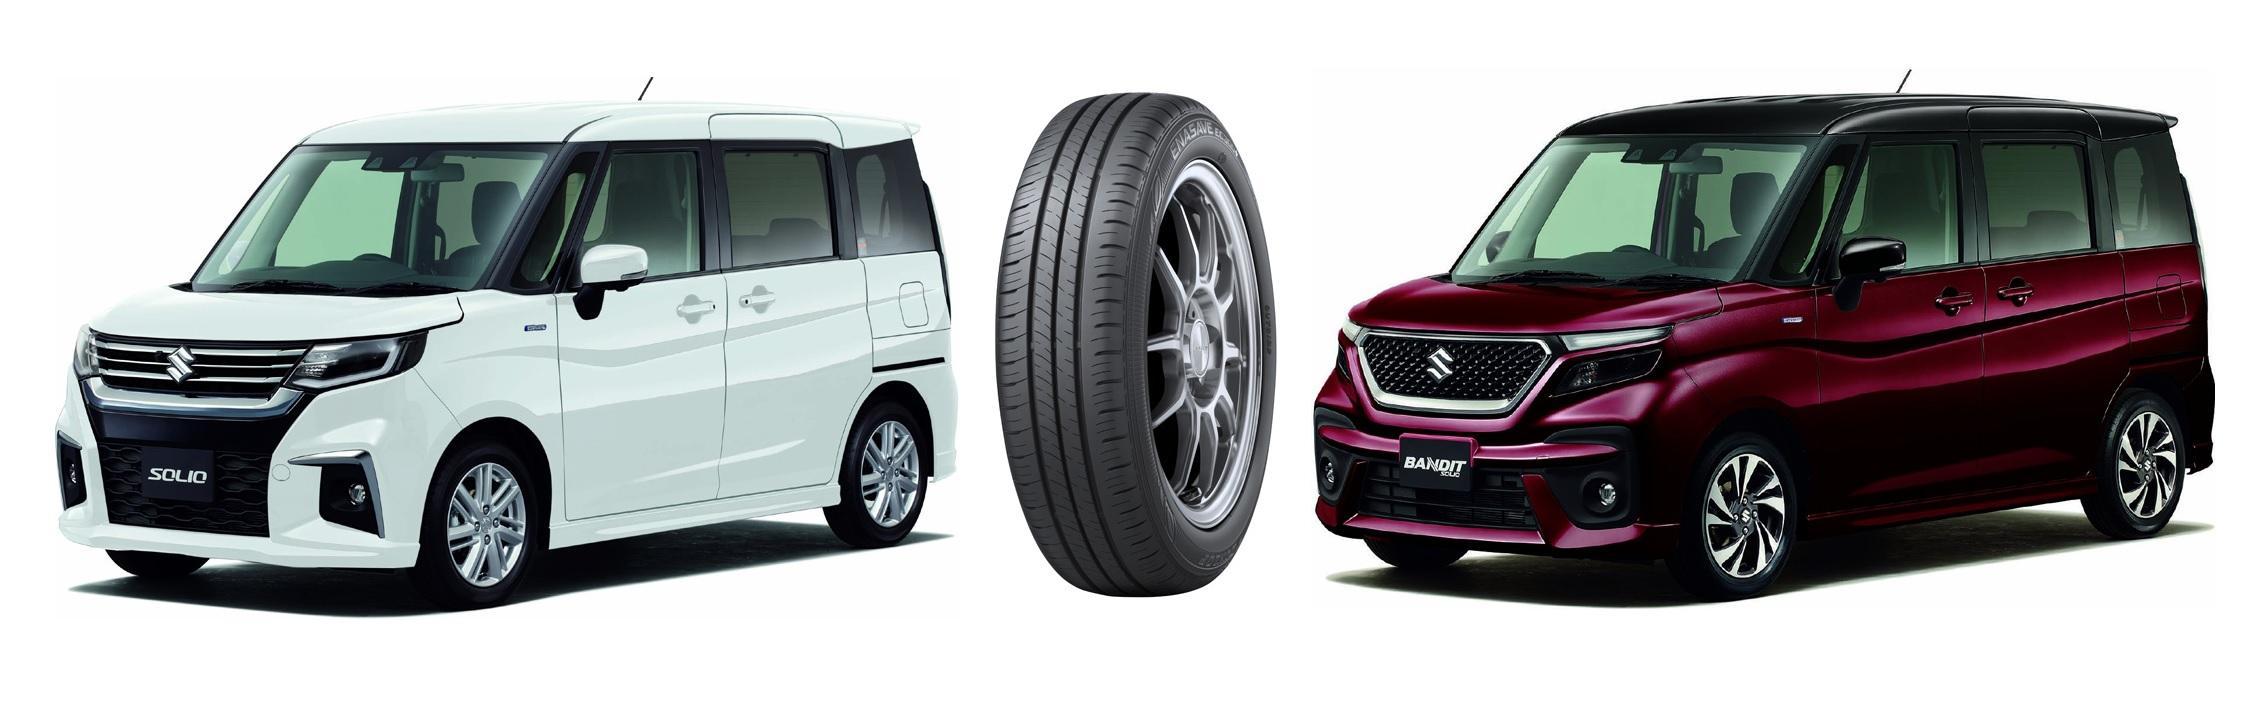 Новые Suzuki Solio и Solio Bandit обуют в экошины Dunlop